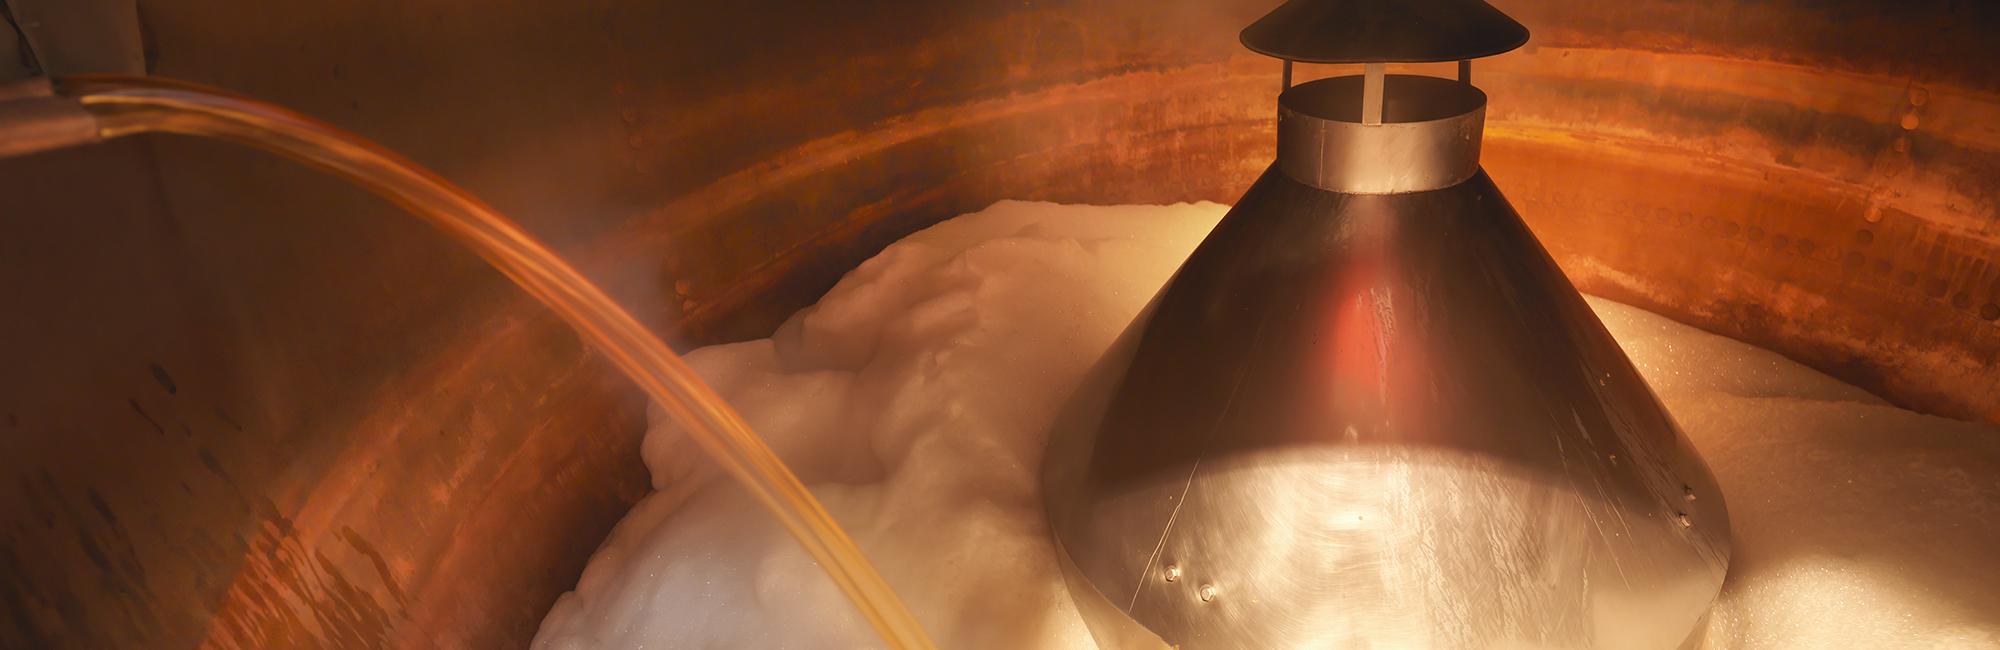 4 - La fermentation